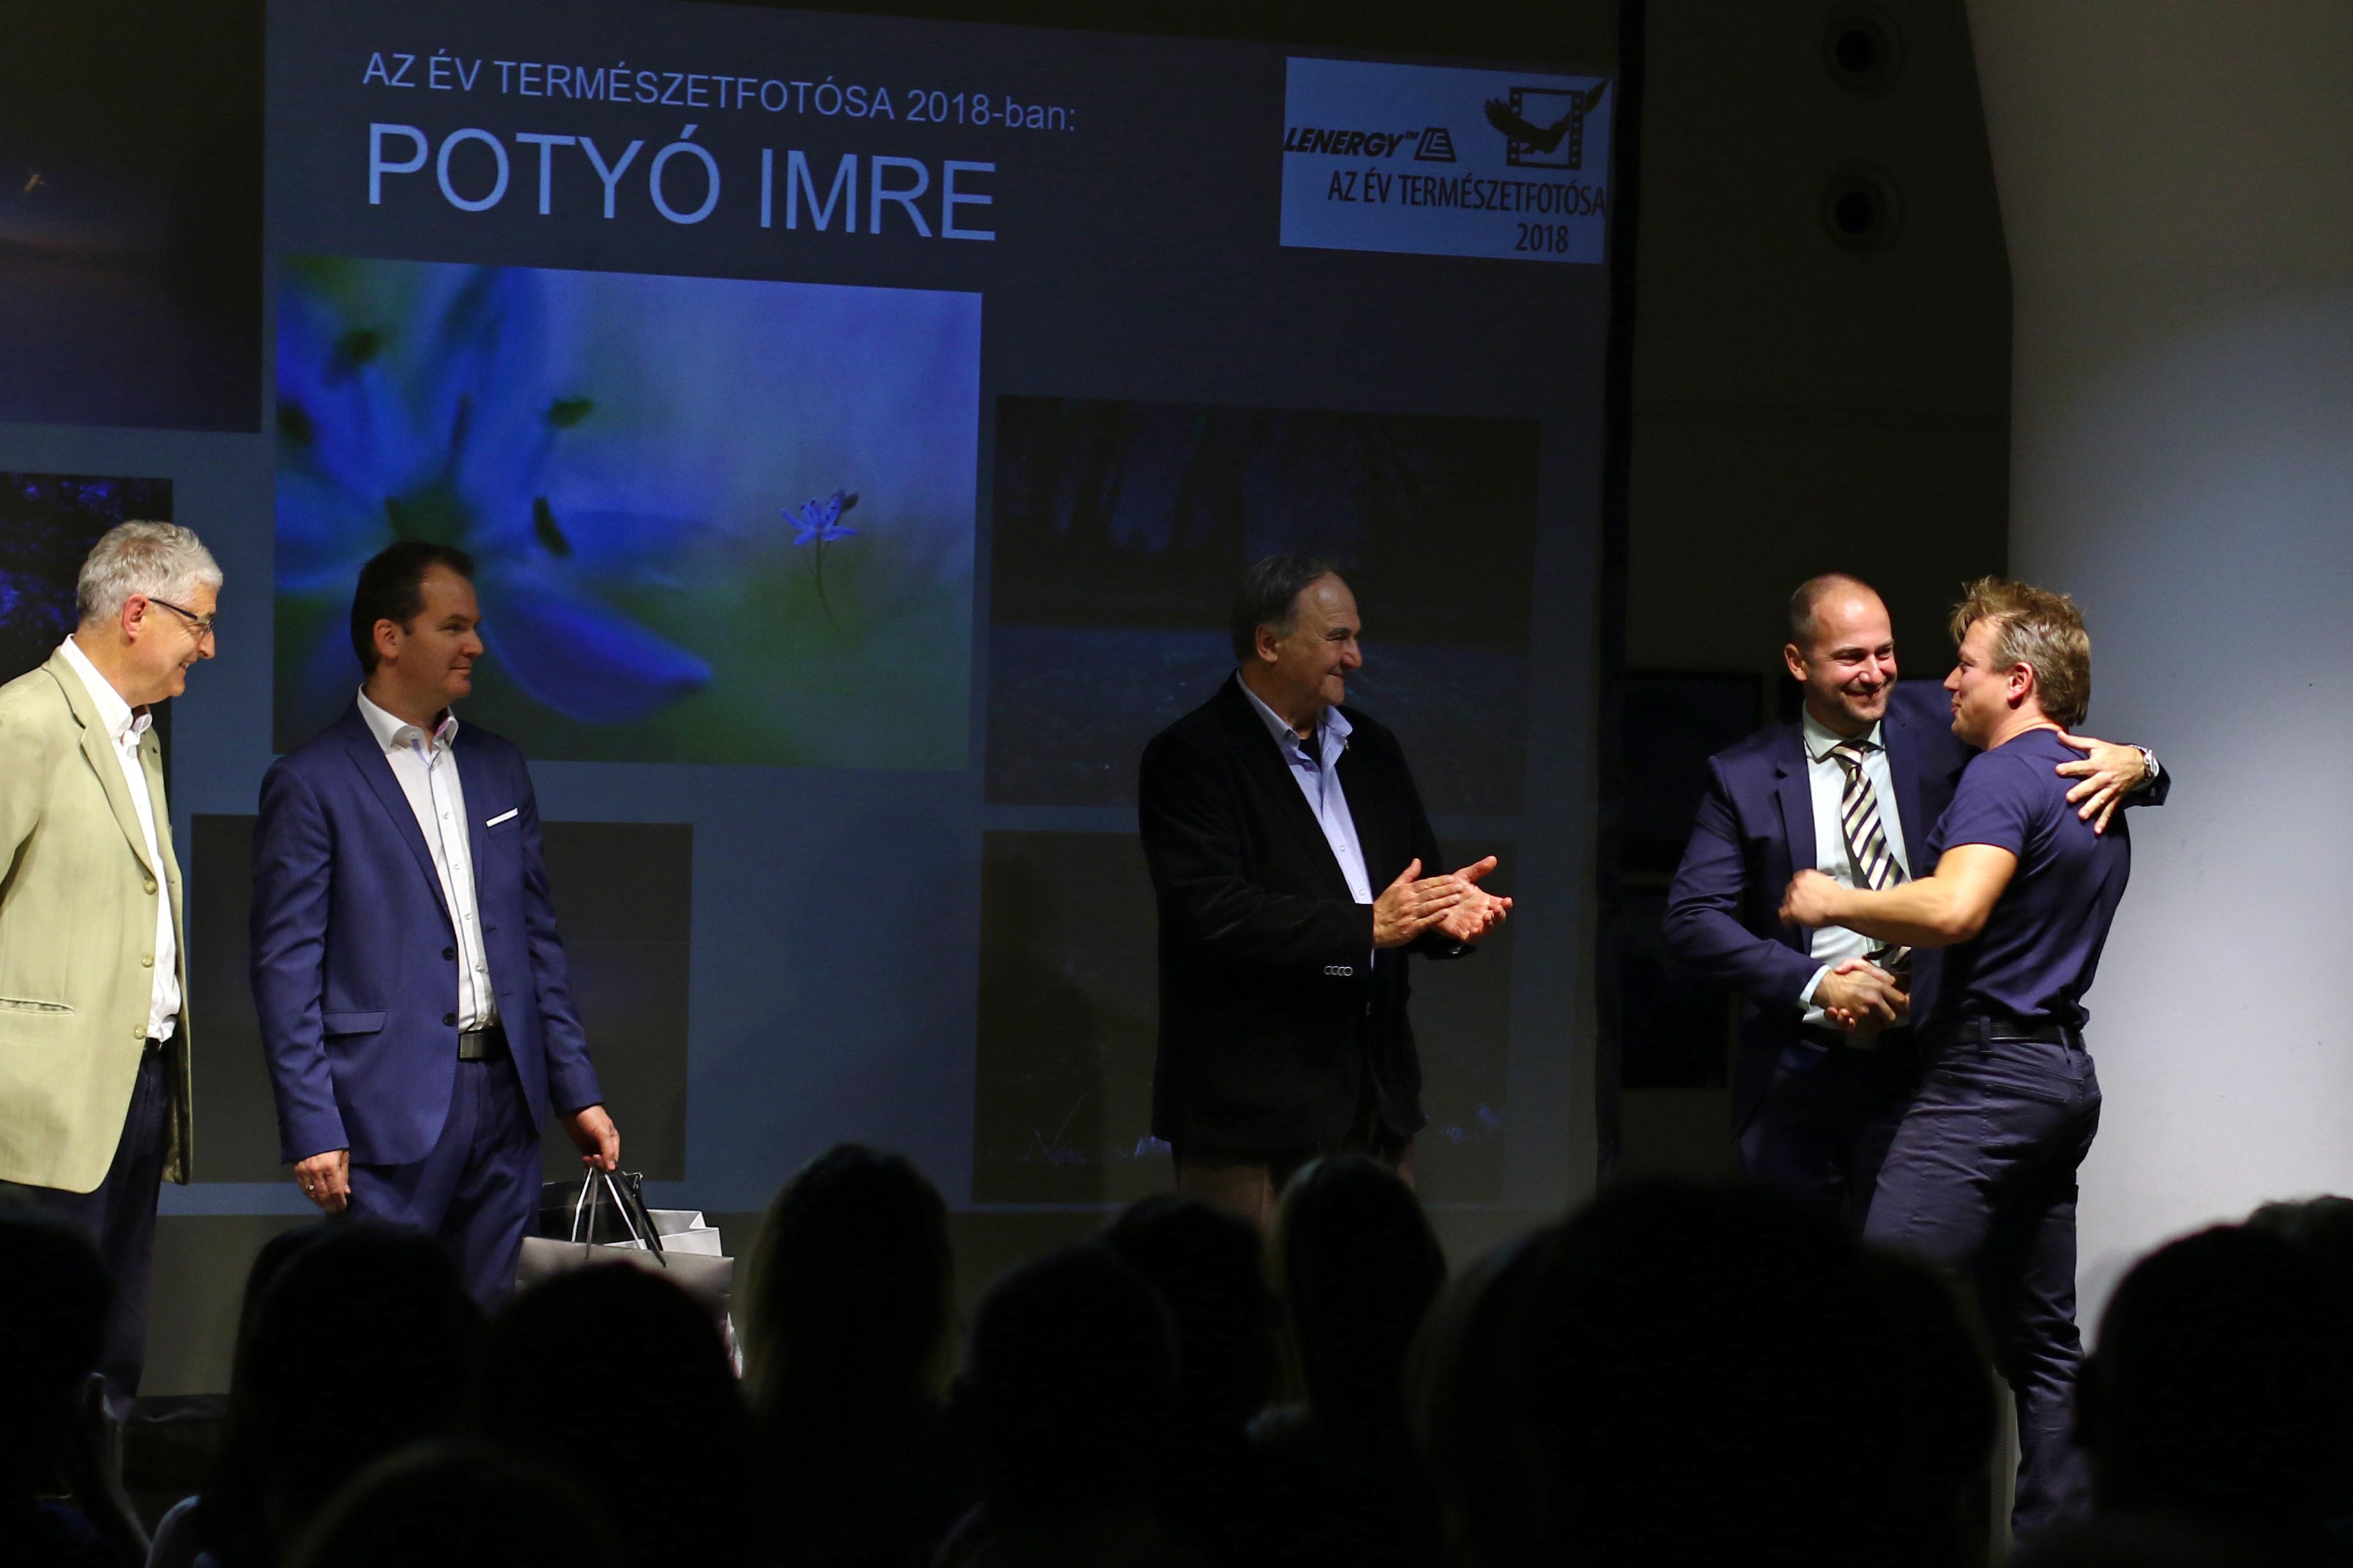 Potyó Imre az Év Természetfotósa! Lenergy – Az Év Természetfotósa 2018 díjátadója